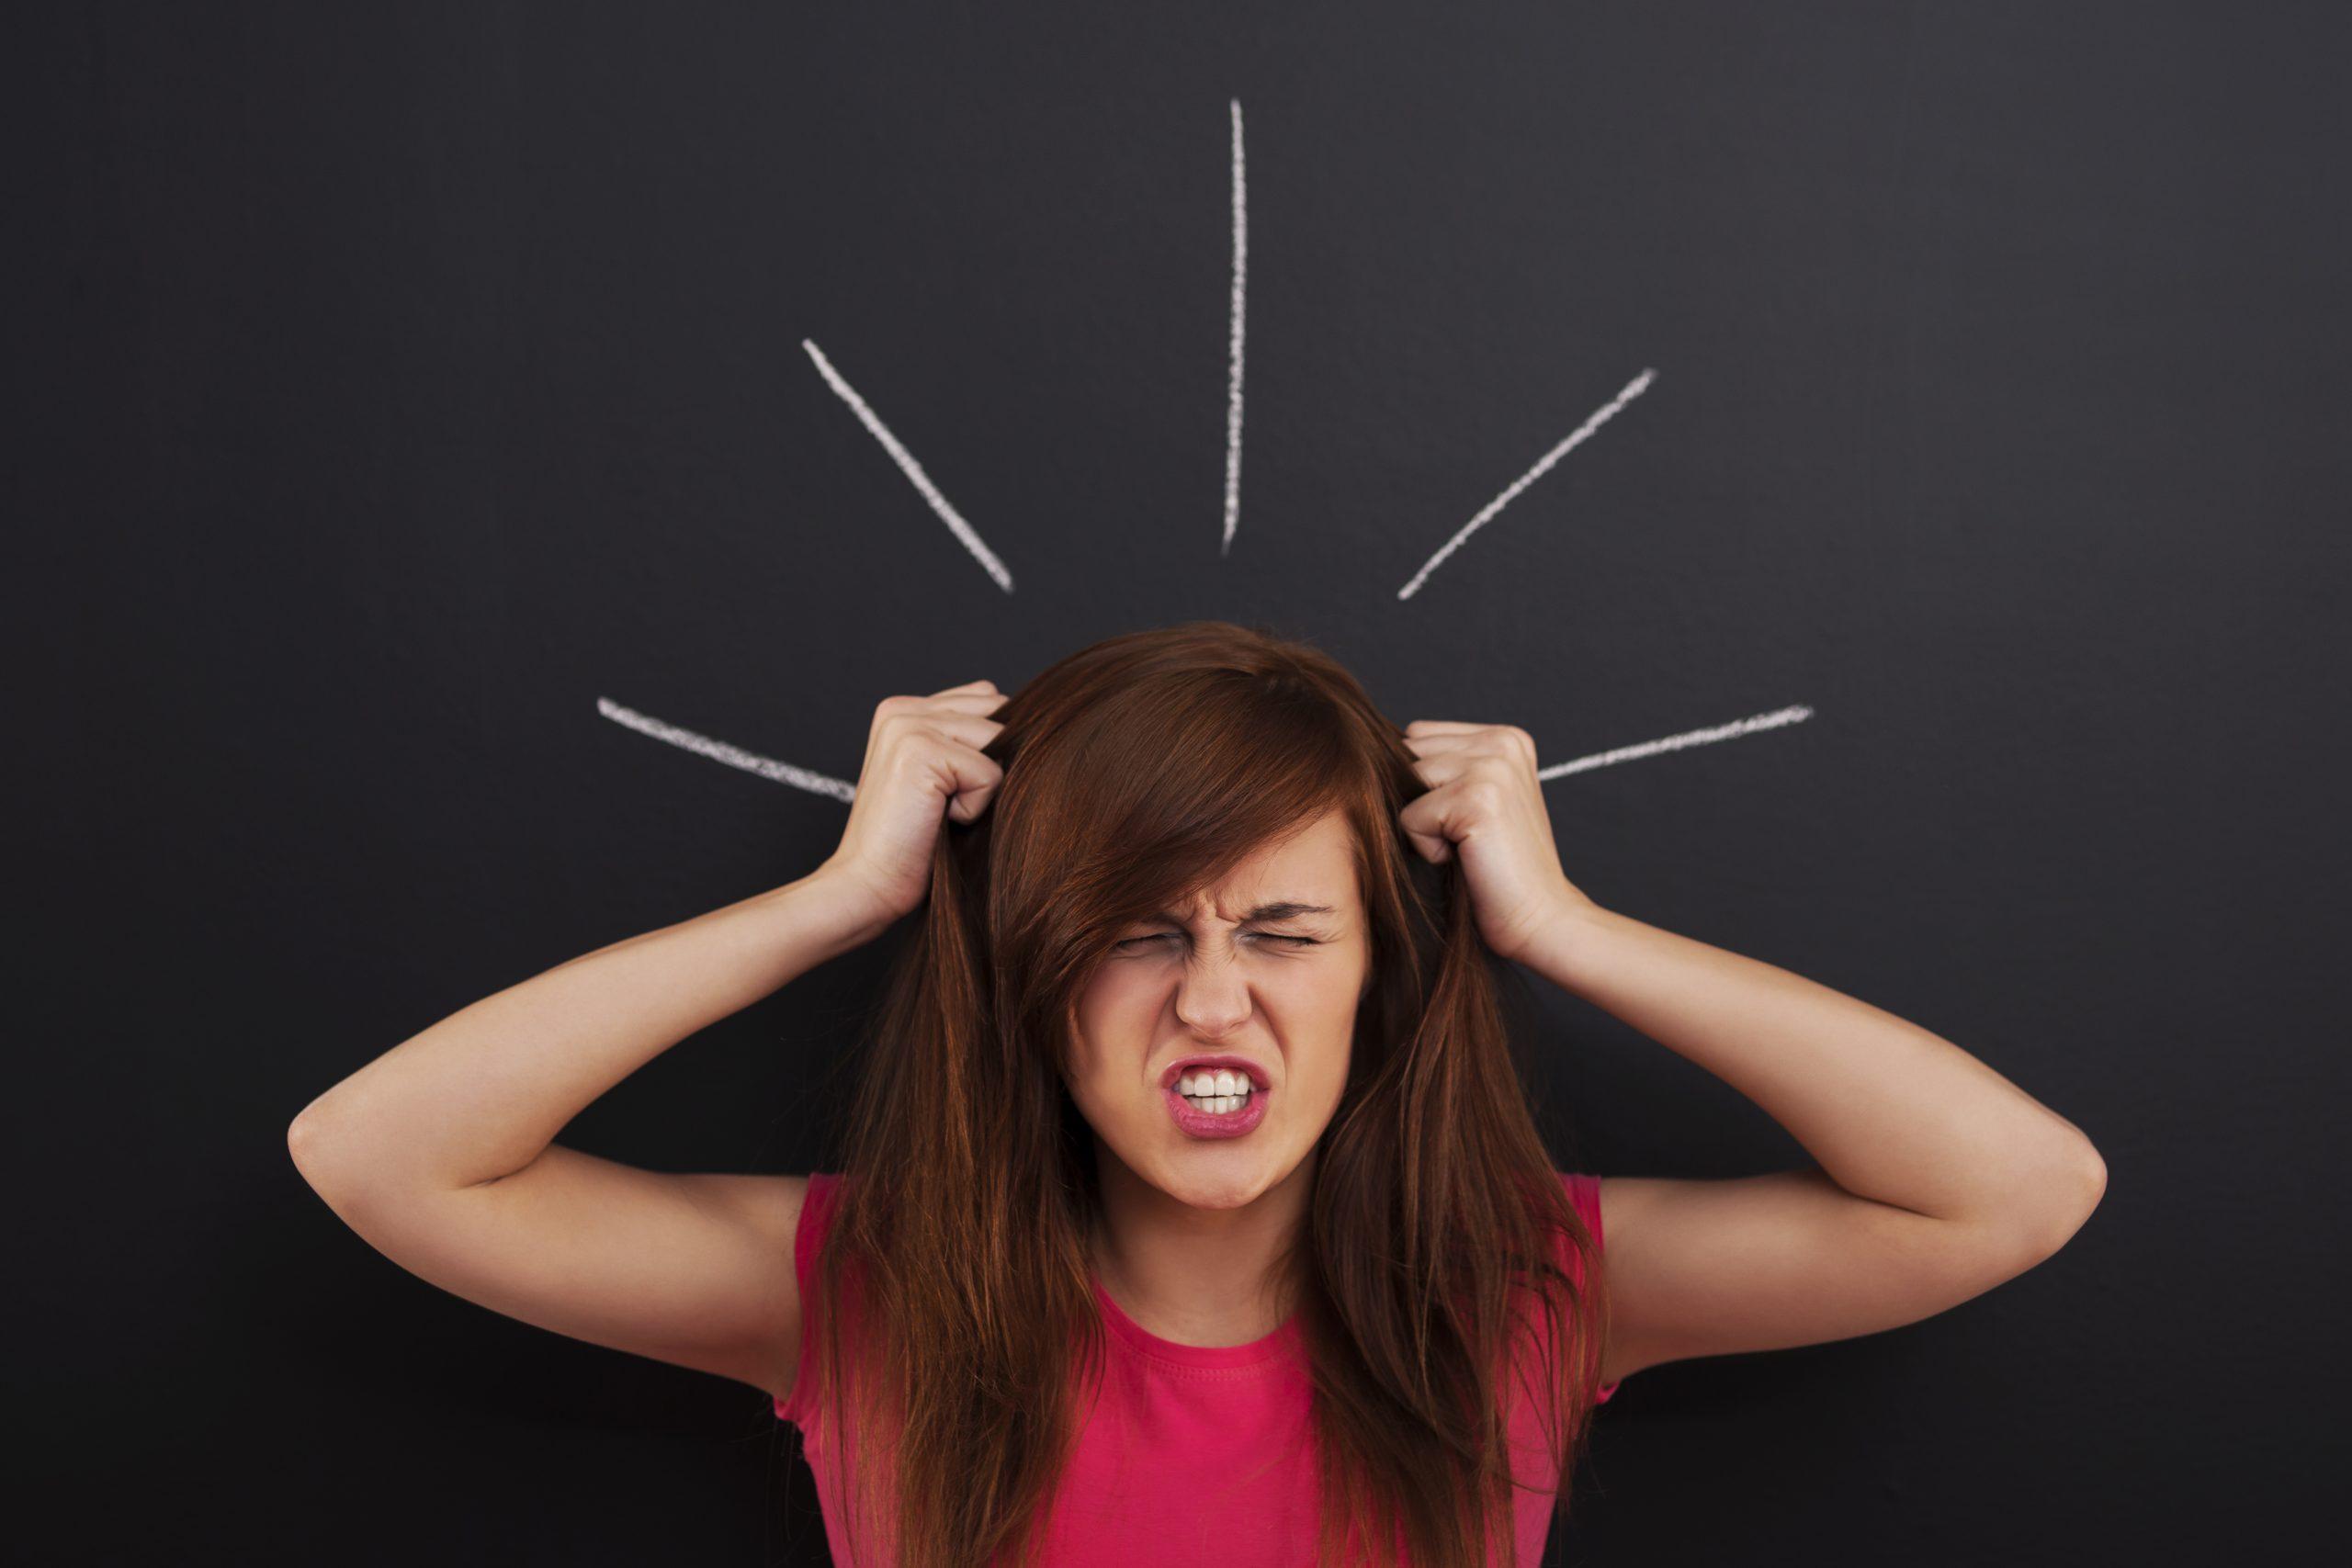 El desafío del estrés